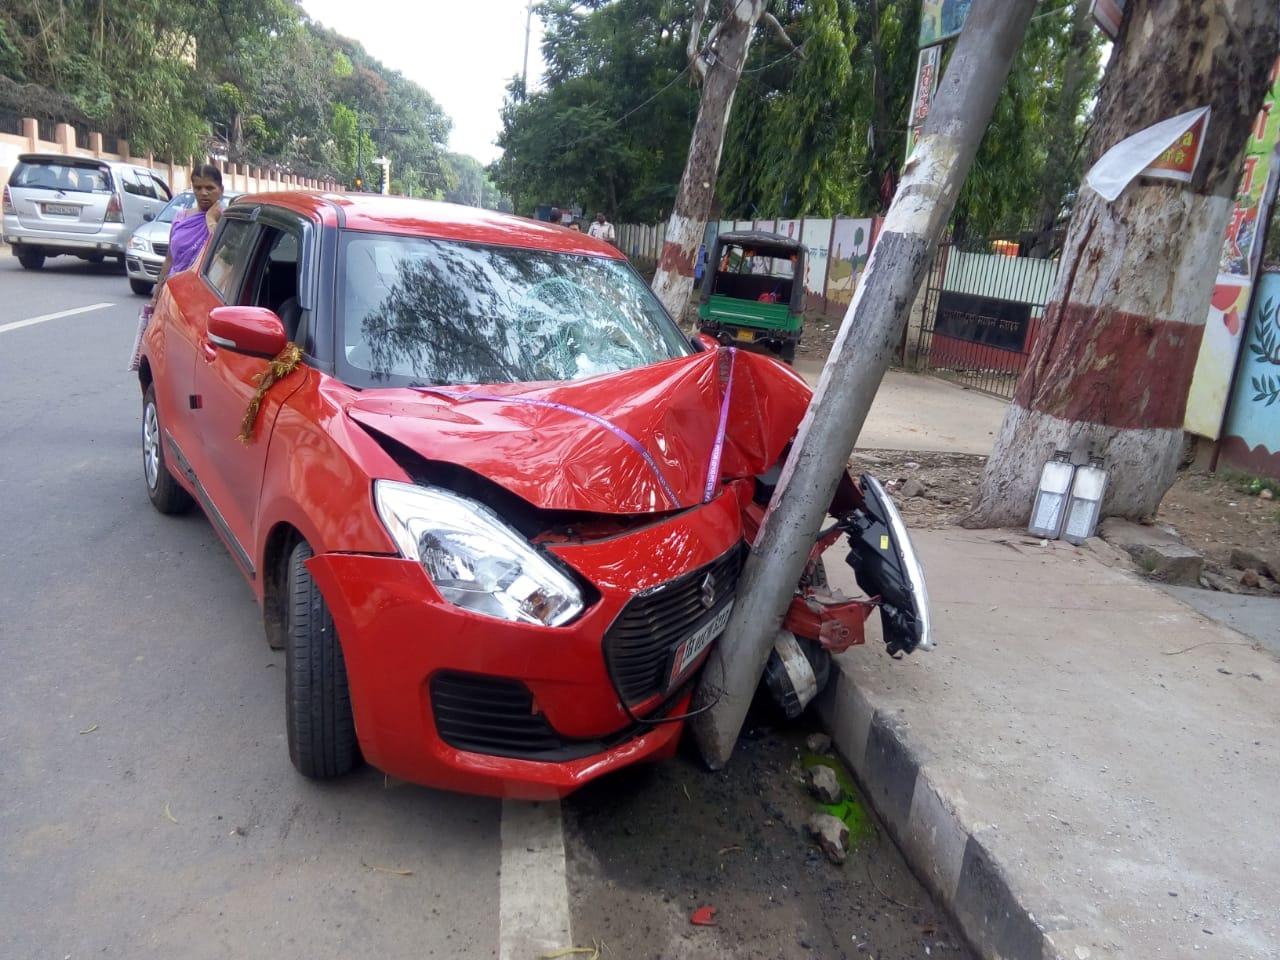 <p>राँची राजभवन के पास कार ने पोल में मारा टक्कर कोई हताहत नहीं. </p>